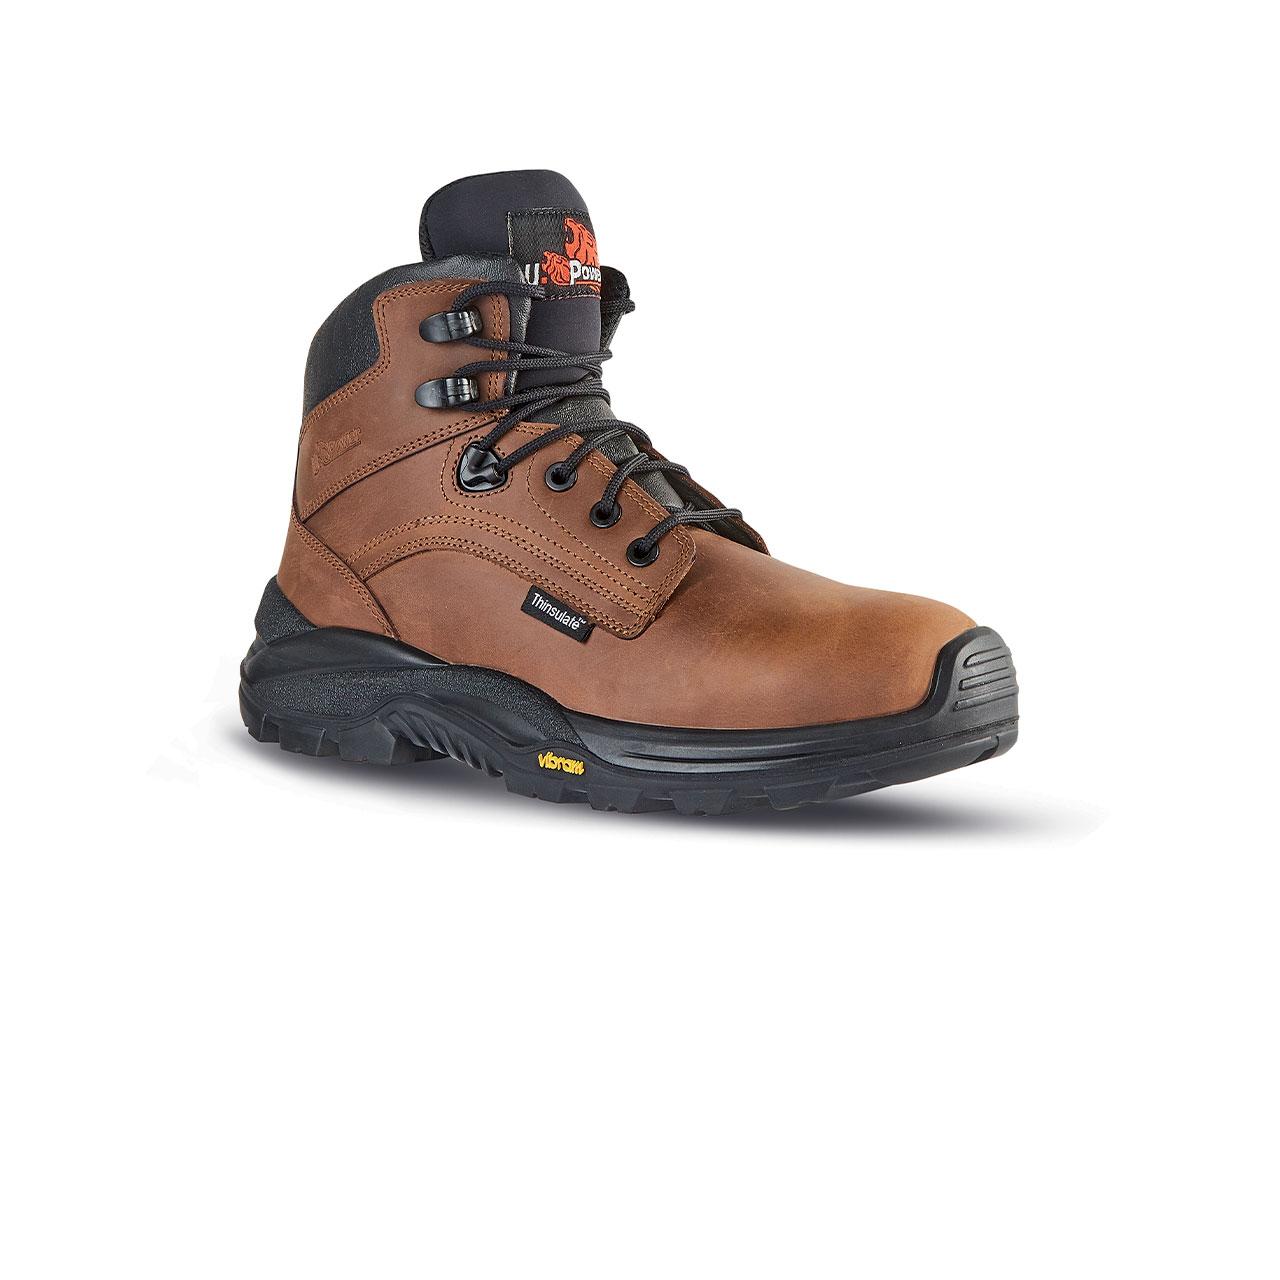 scarpa antinfortunistica upower modello iron linea rock_roll vista laterale